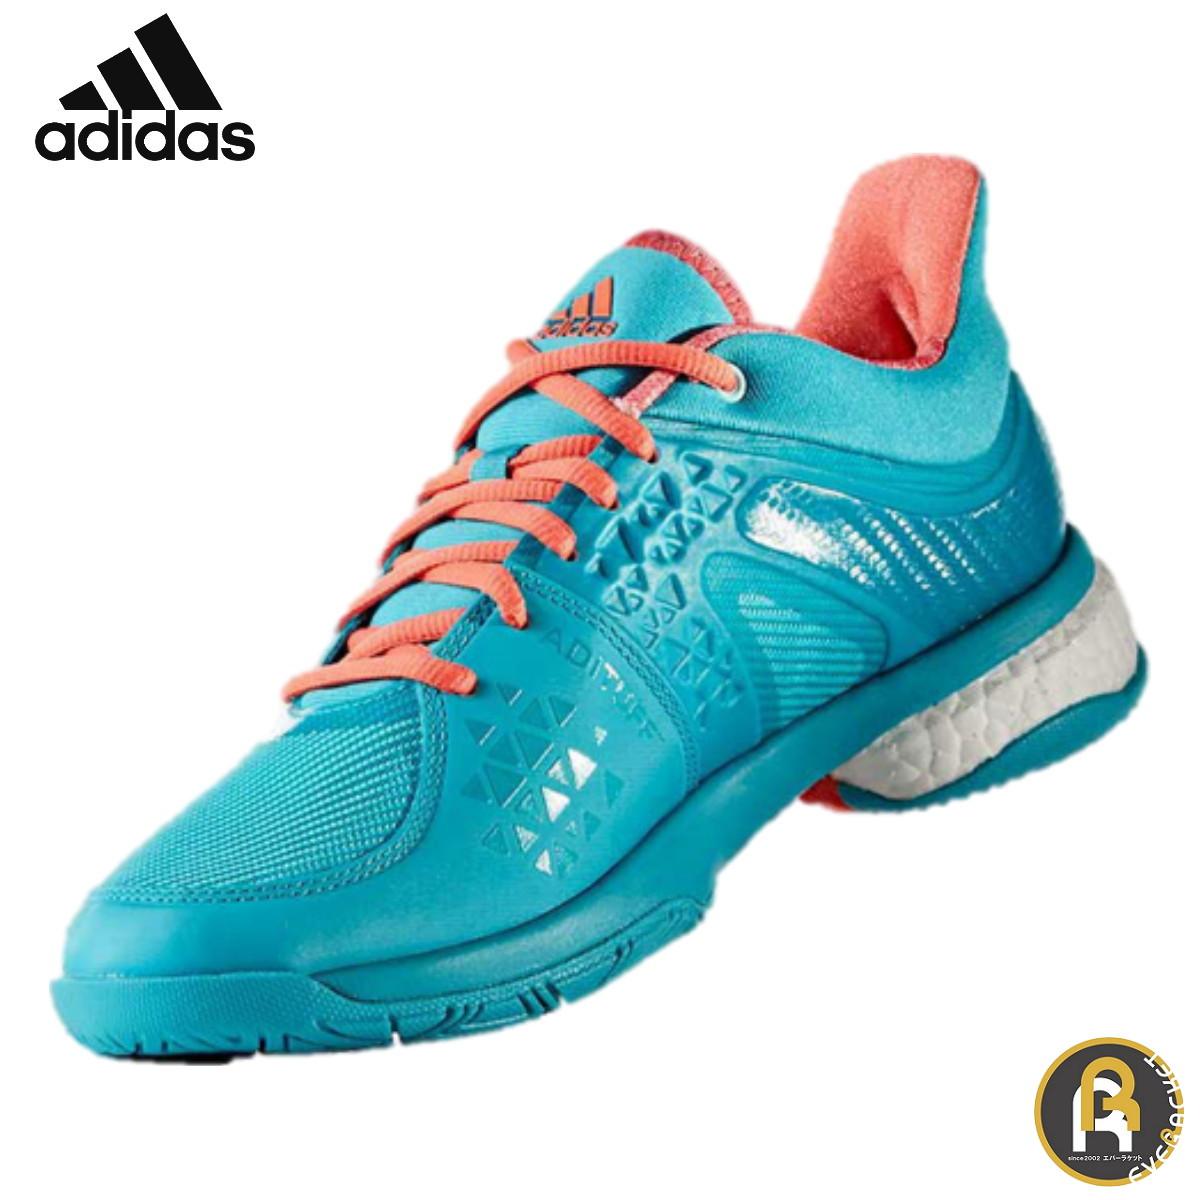 【お買い得商品】 adidas アディダススリービー ラケットスポーツジャパン バドミントン バドミントンシューズ ヴフトP8 BY1823